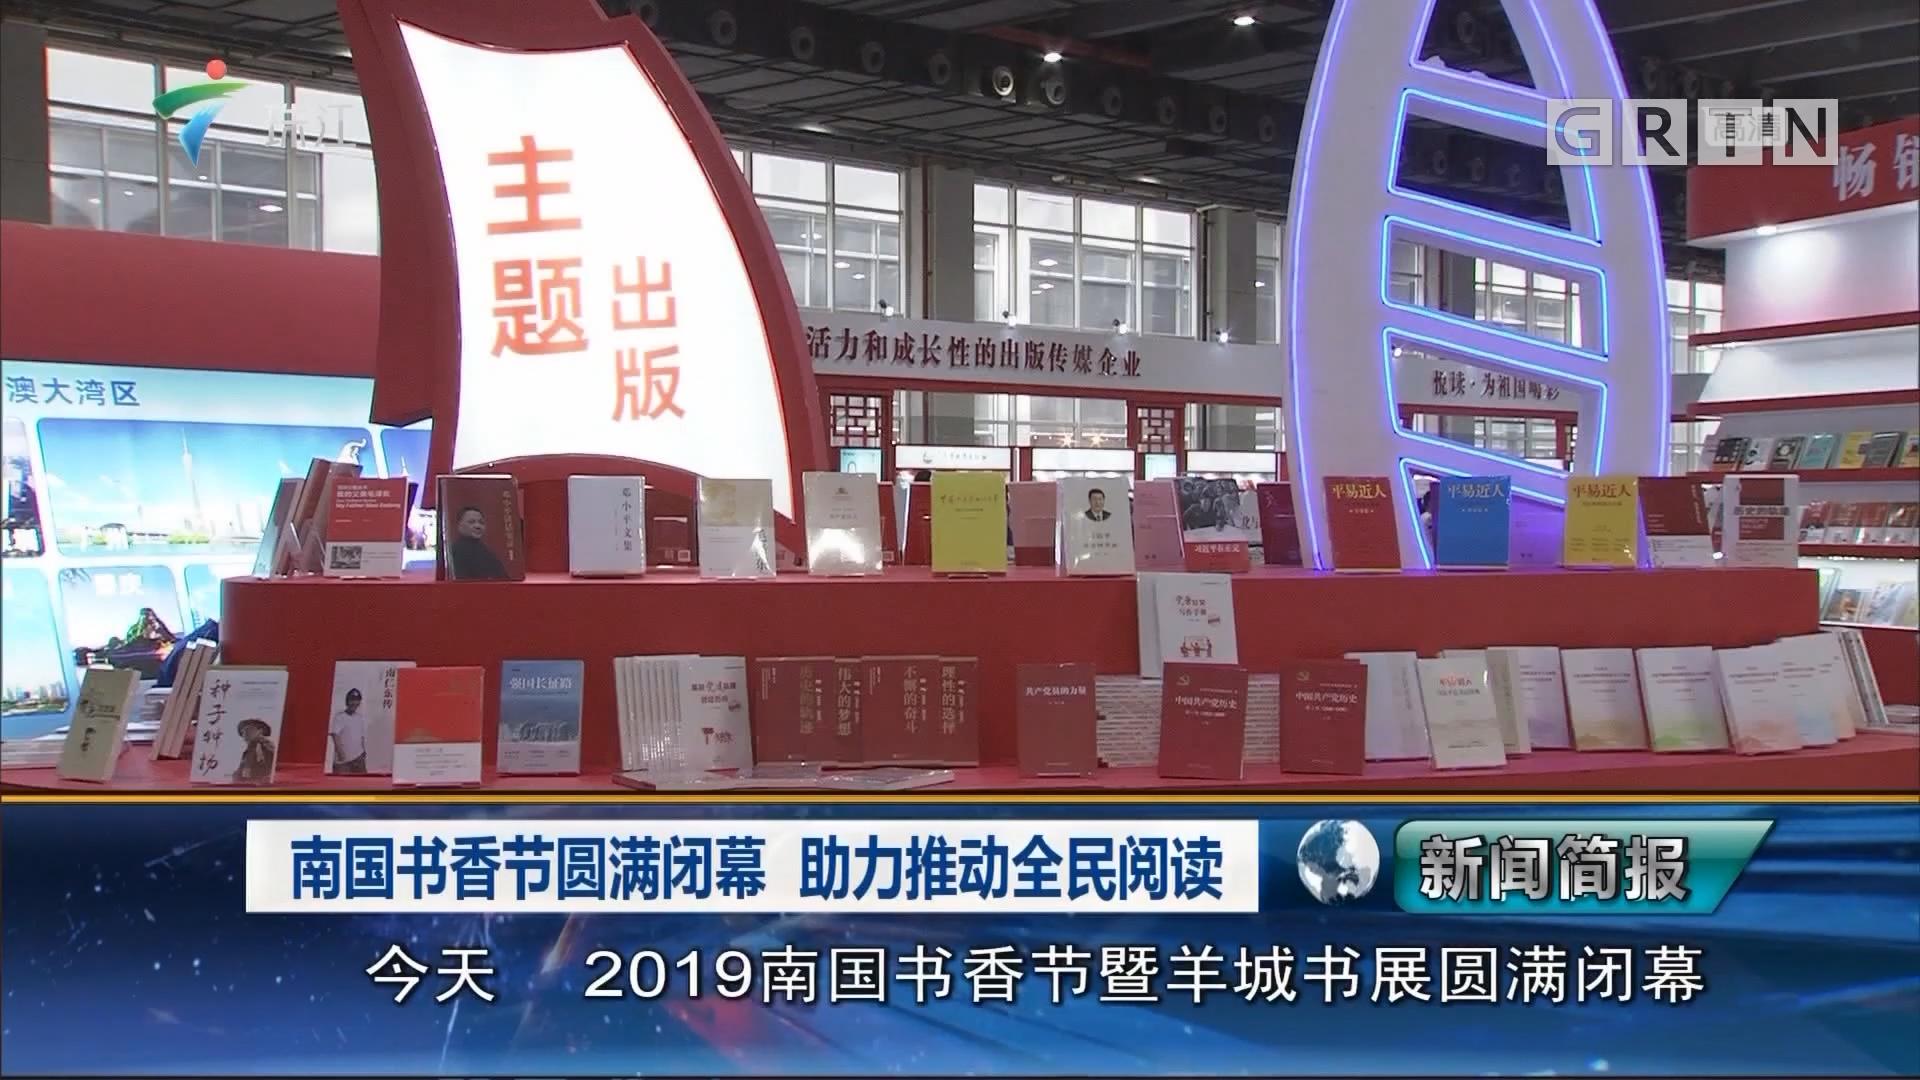 南国书香节圆满闭幕 助力推动全民阅读